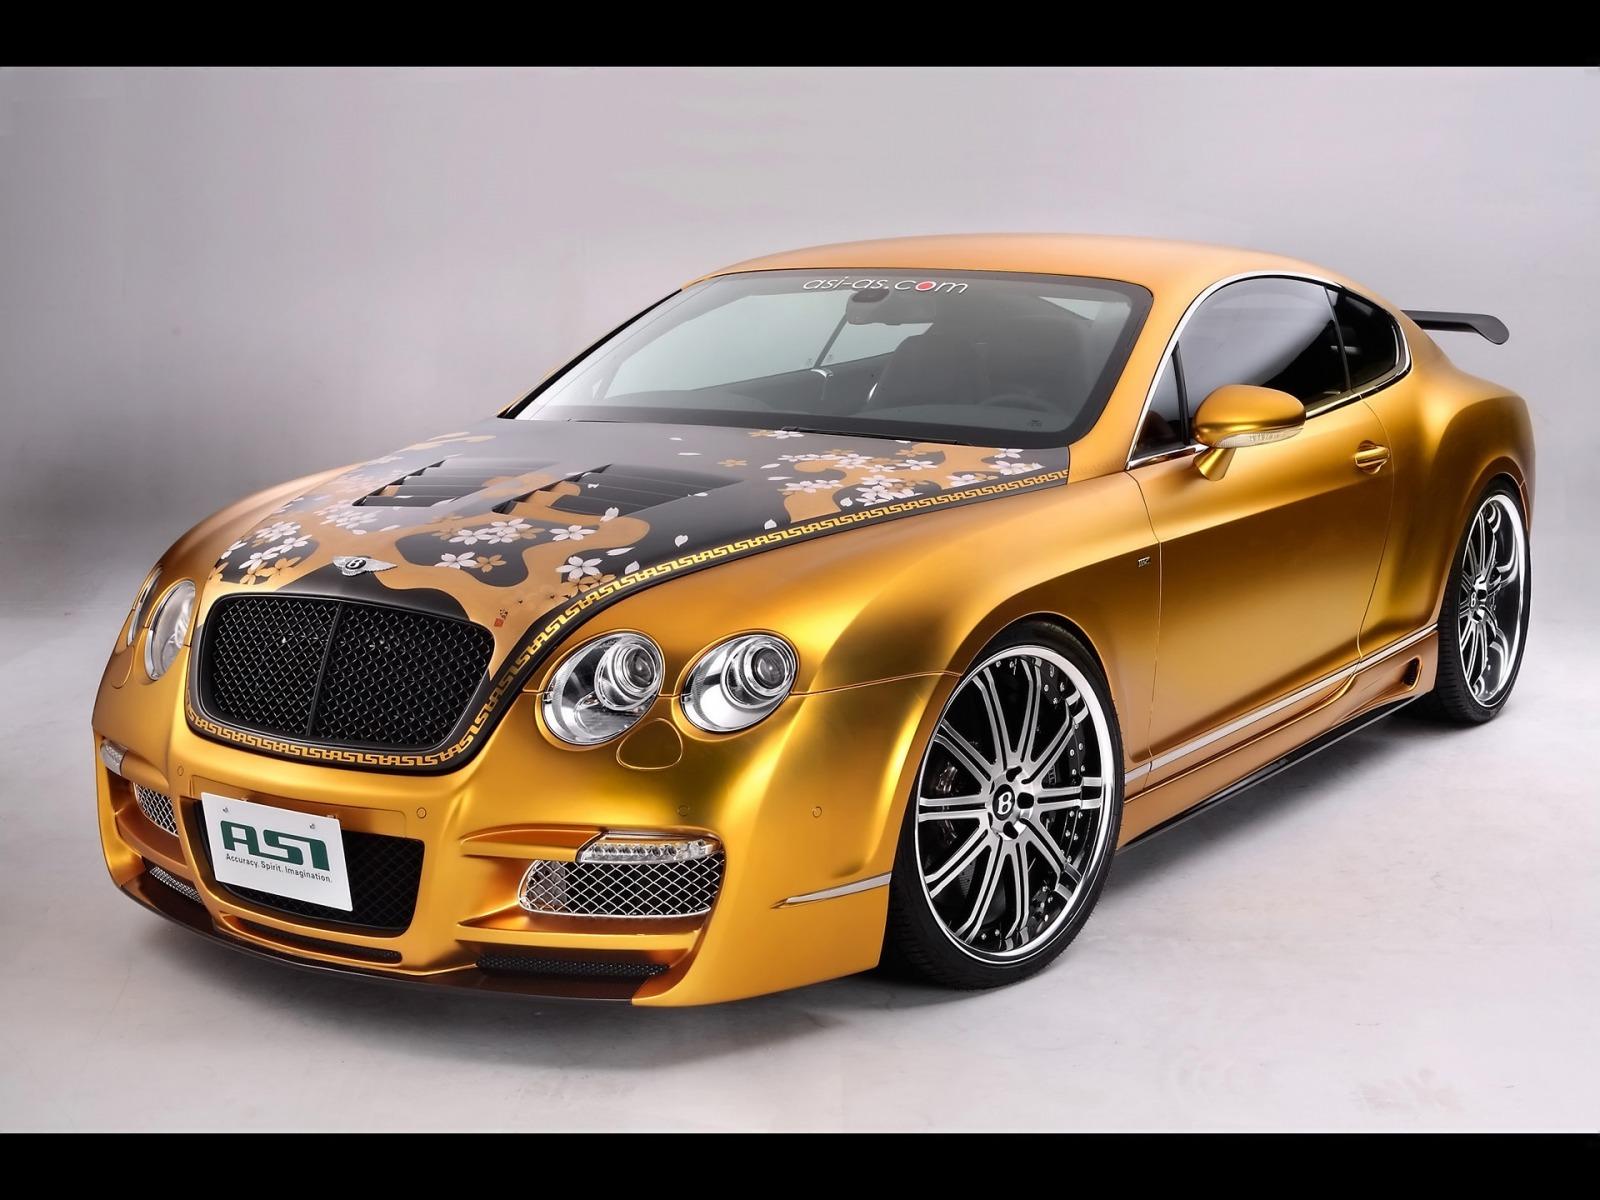 asi_bentley_glod_wallpaper_bentley_cars_wallpaper_1600_1200_2374jpg